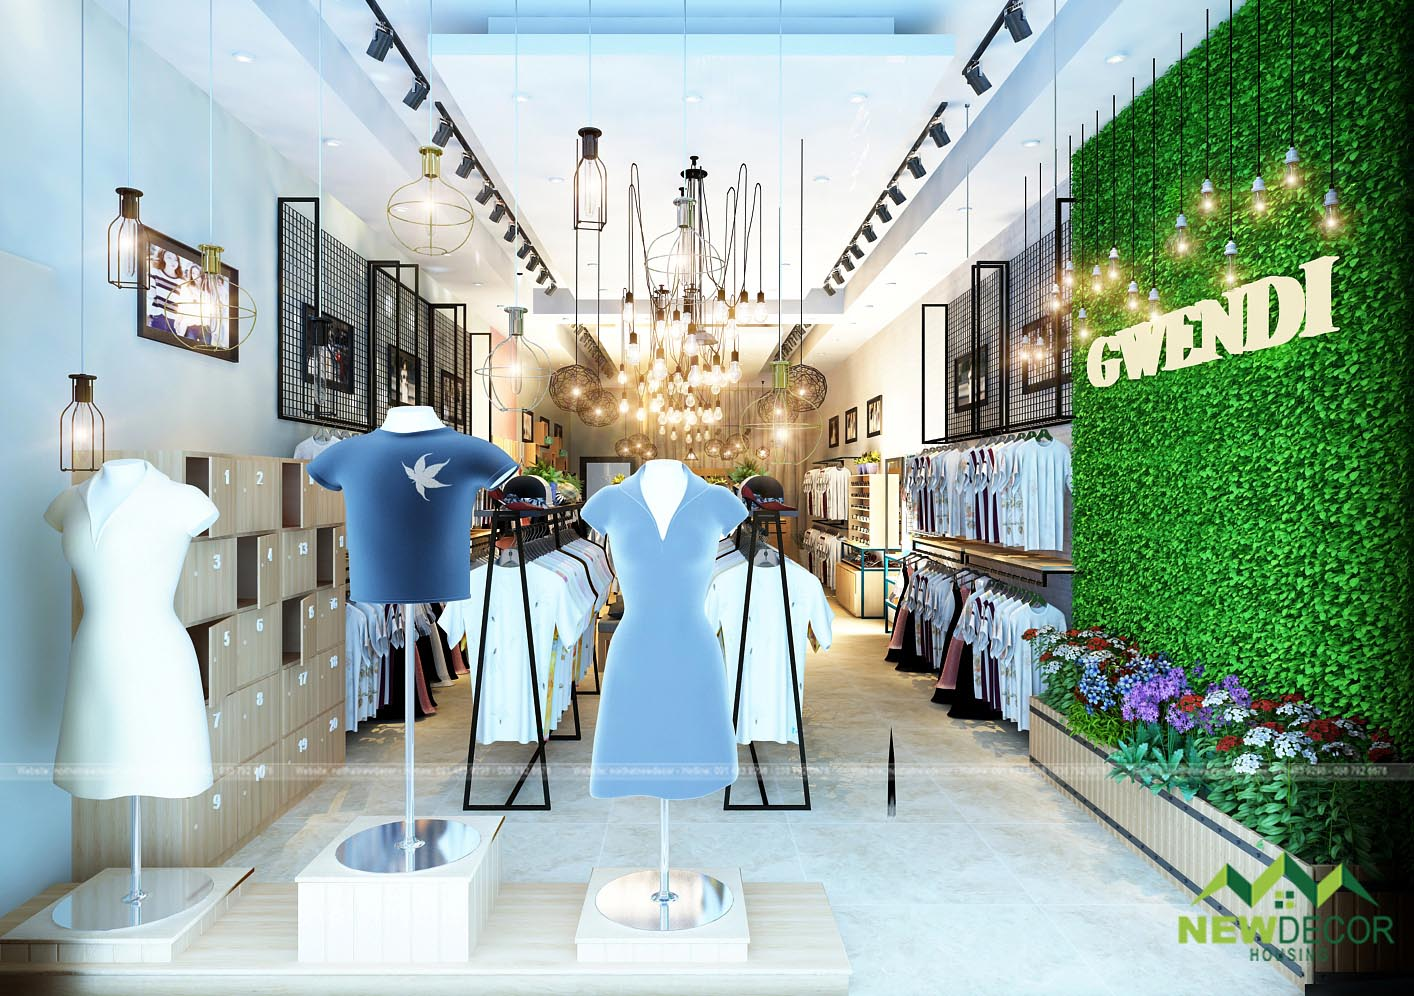 cửa hàng thời trang Gwendi